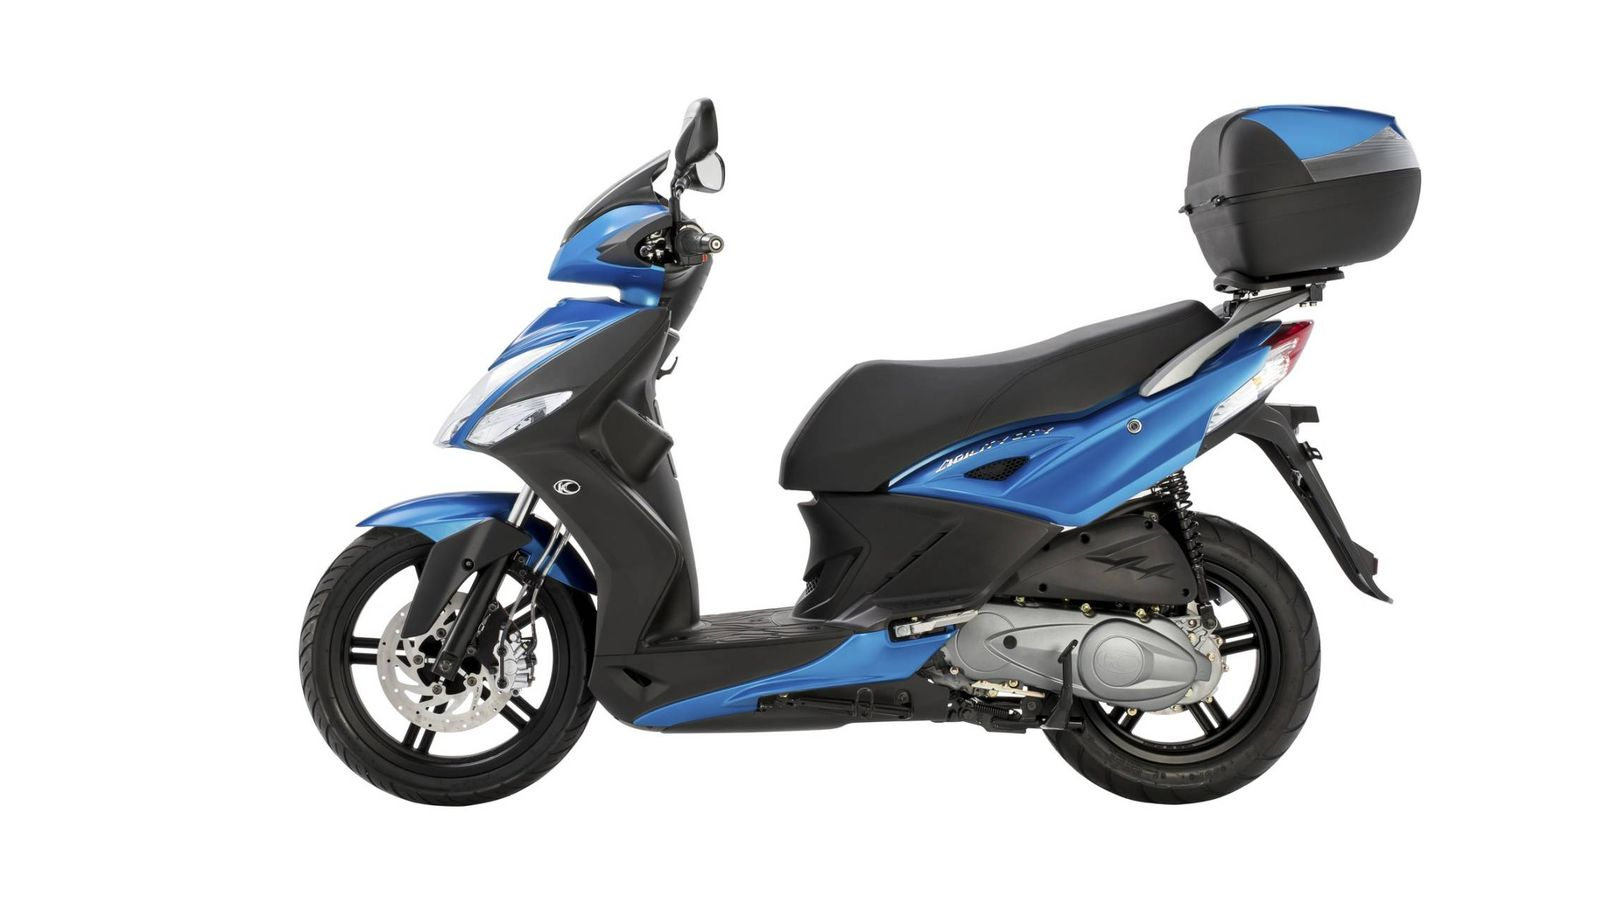 nueva kymco agility city el scooter de rueda alta de. Black Bedroom Furniture Sets. Home Design Ideas